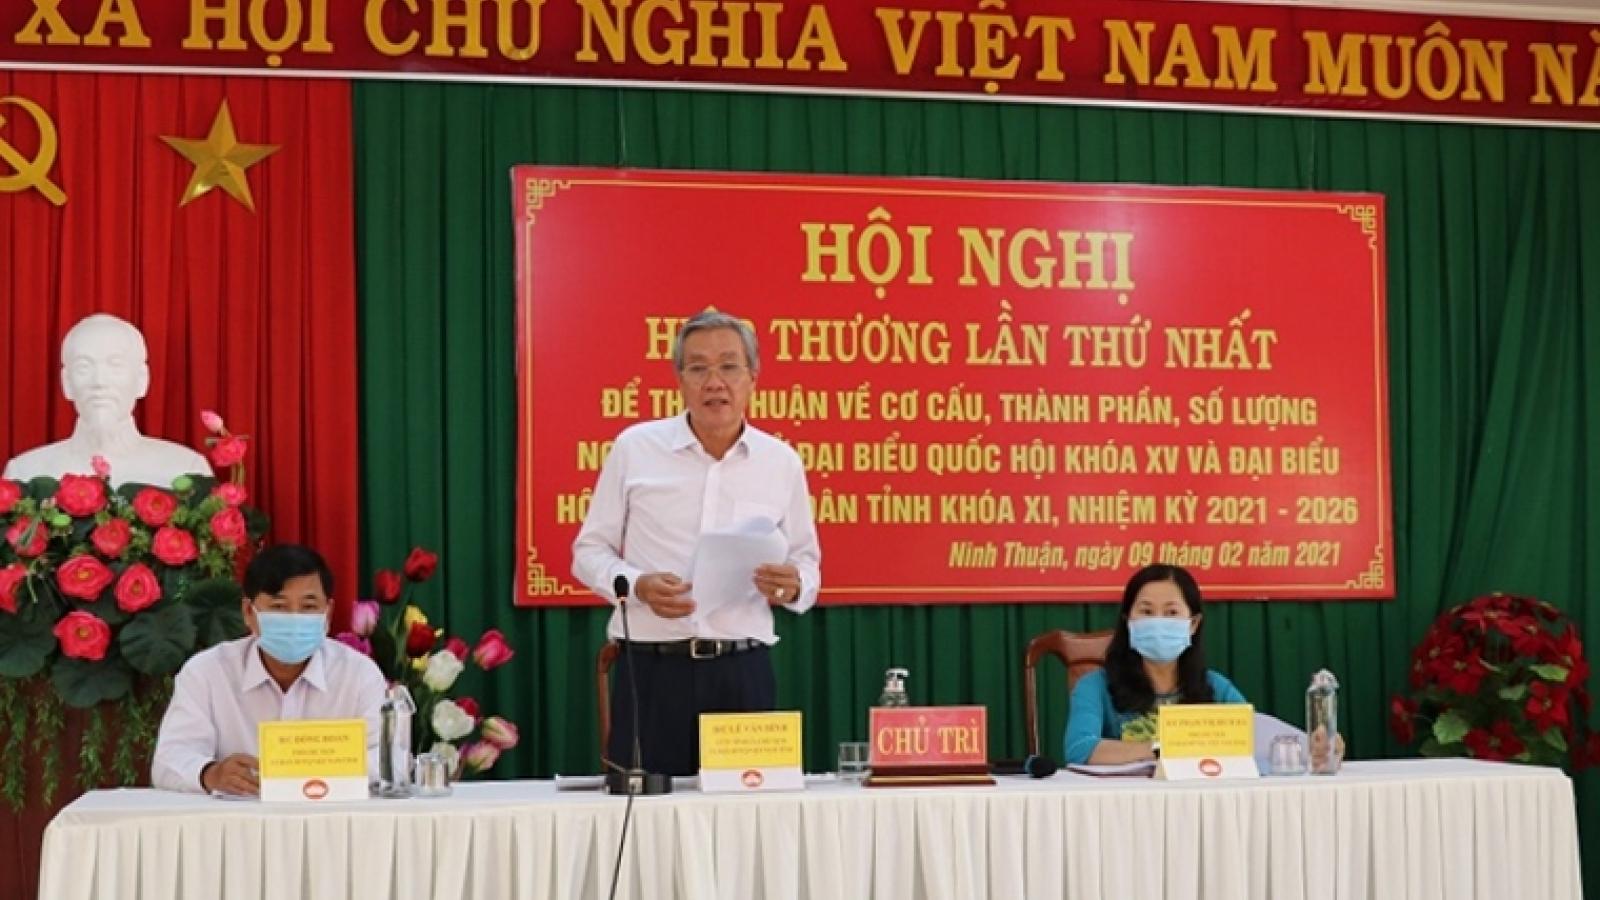 Ninh Thuận sẽ bầu 12 đại biểu Quốc hội và 50 đại biểu HĐND tỉnh